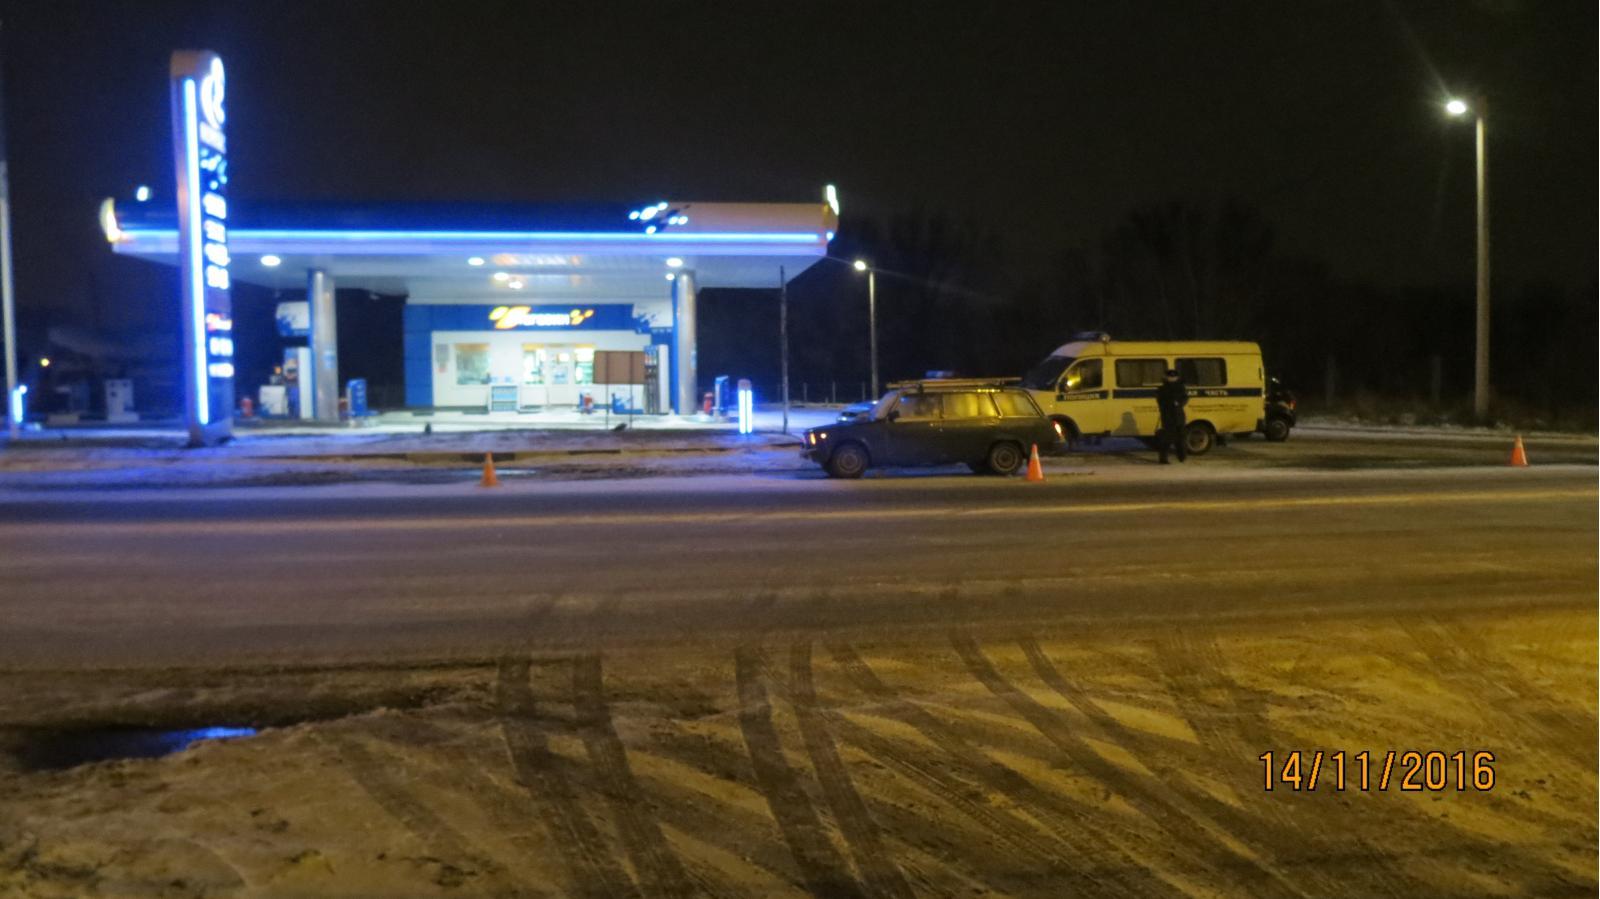 ВКурске «ВАЗ» сбил семью пешеходов-нарушителей